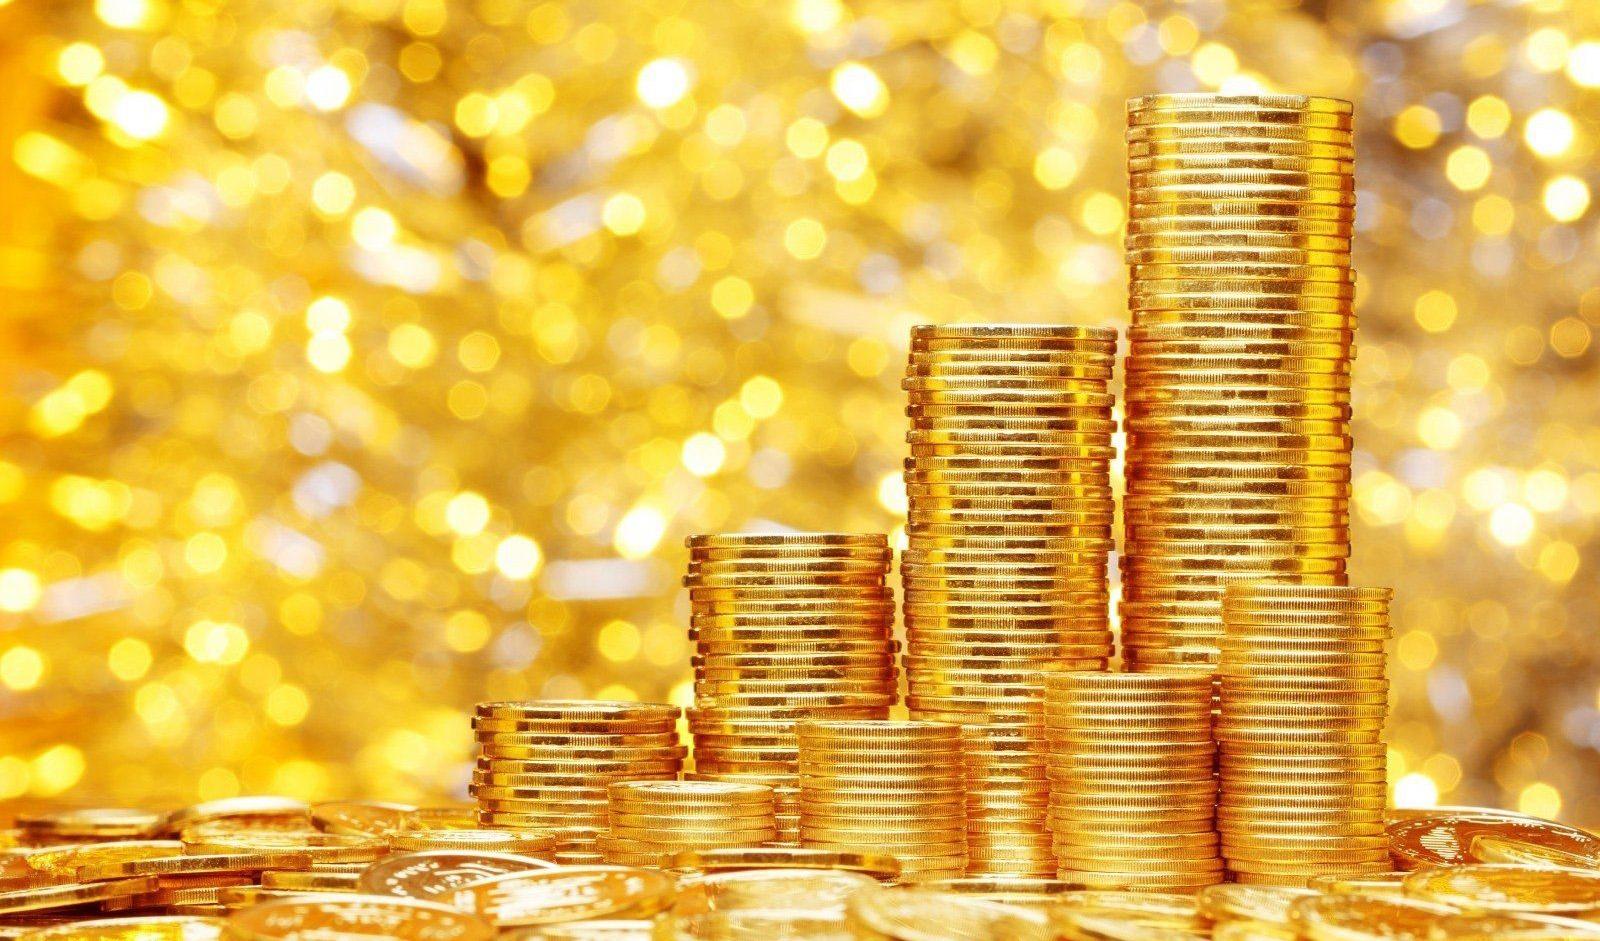 قیمت سکه همچنان کاهشی است